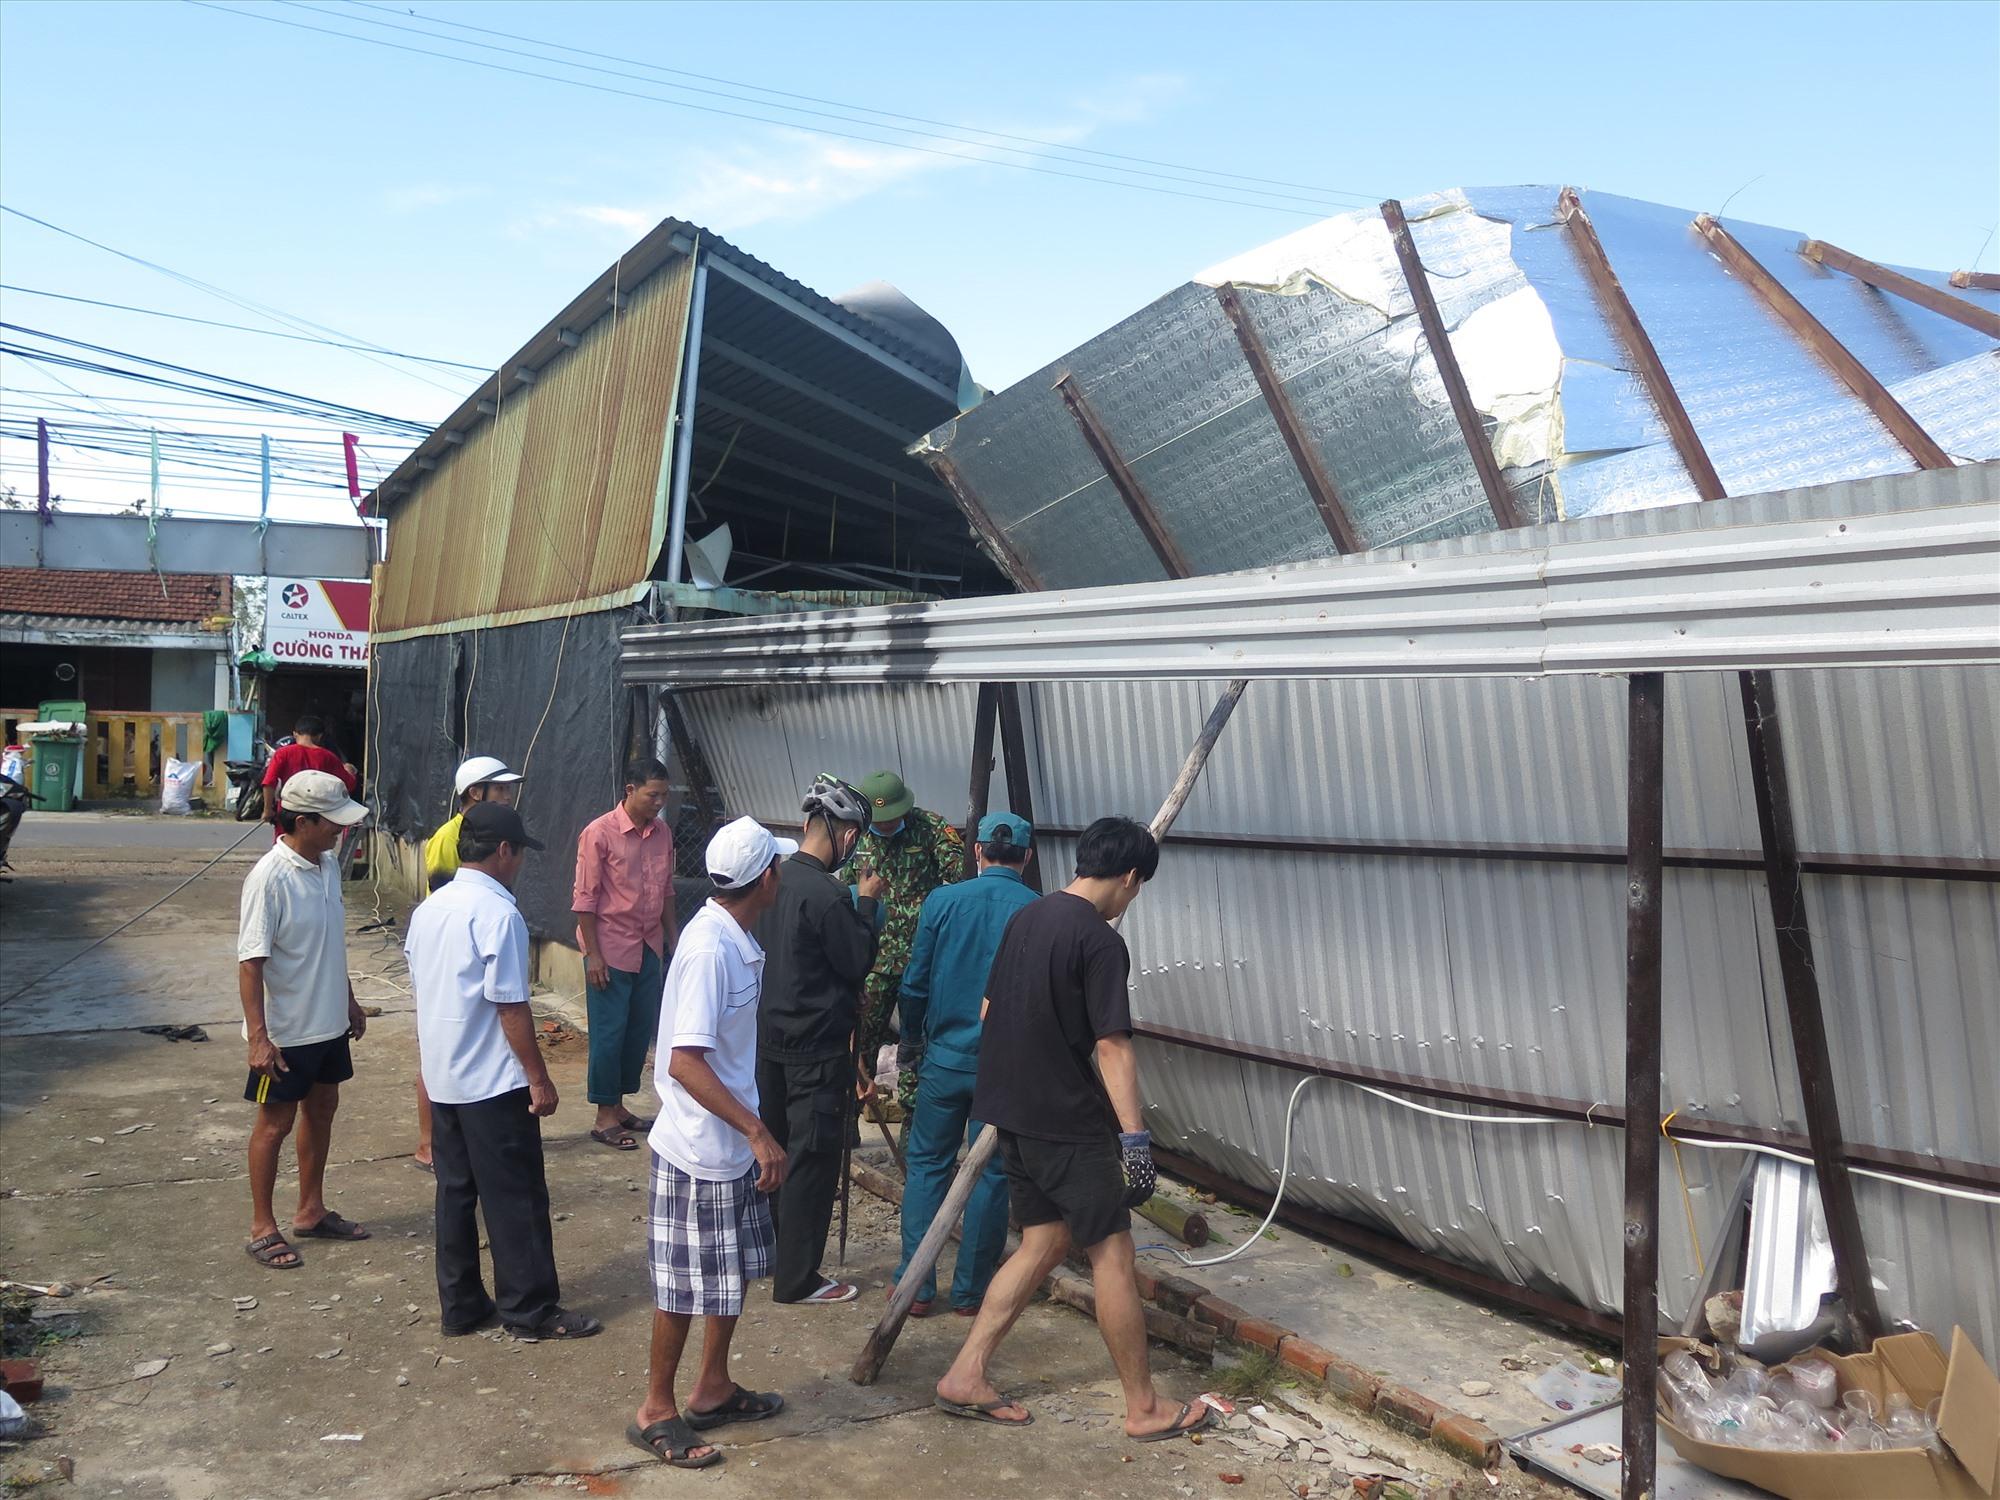 Bộ đội Biên phòng phối hợp với lực lượng vũ trang địa phương và người dân khắc phục hậu quả bão số 9. Ảnh: XUÂN HIỀN